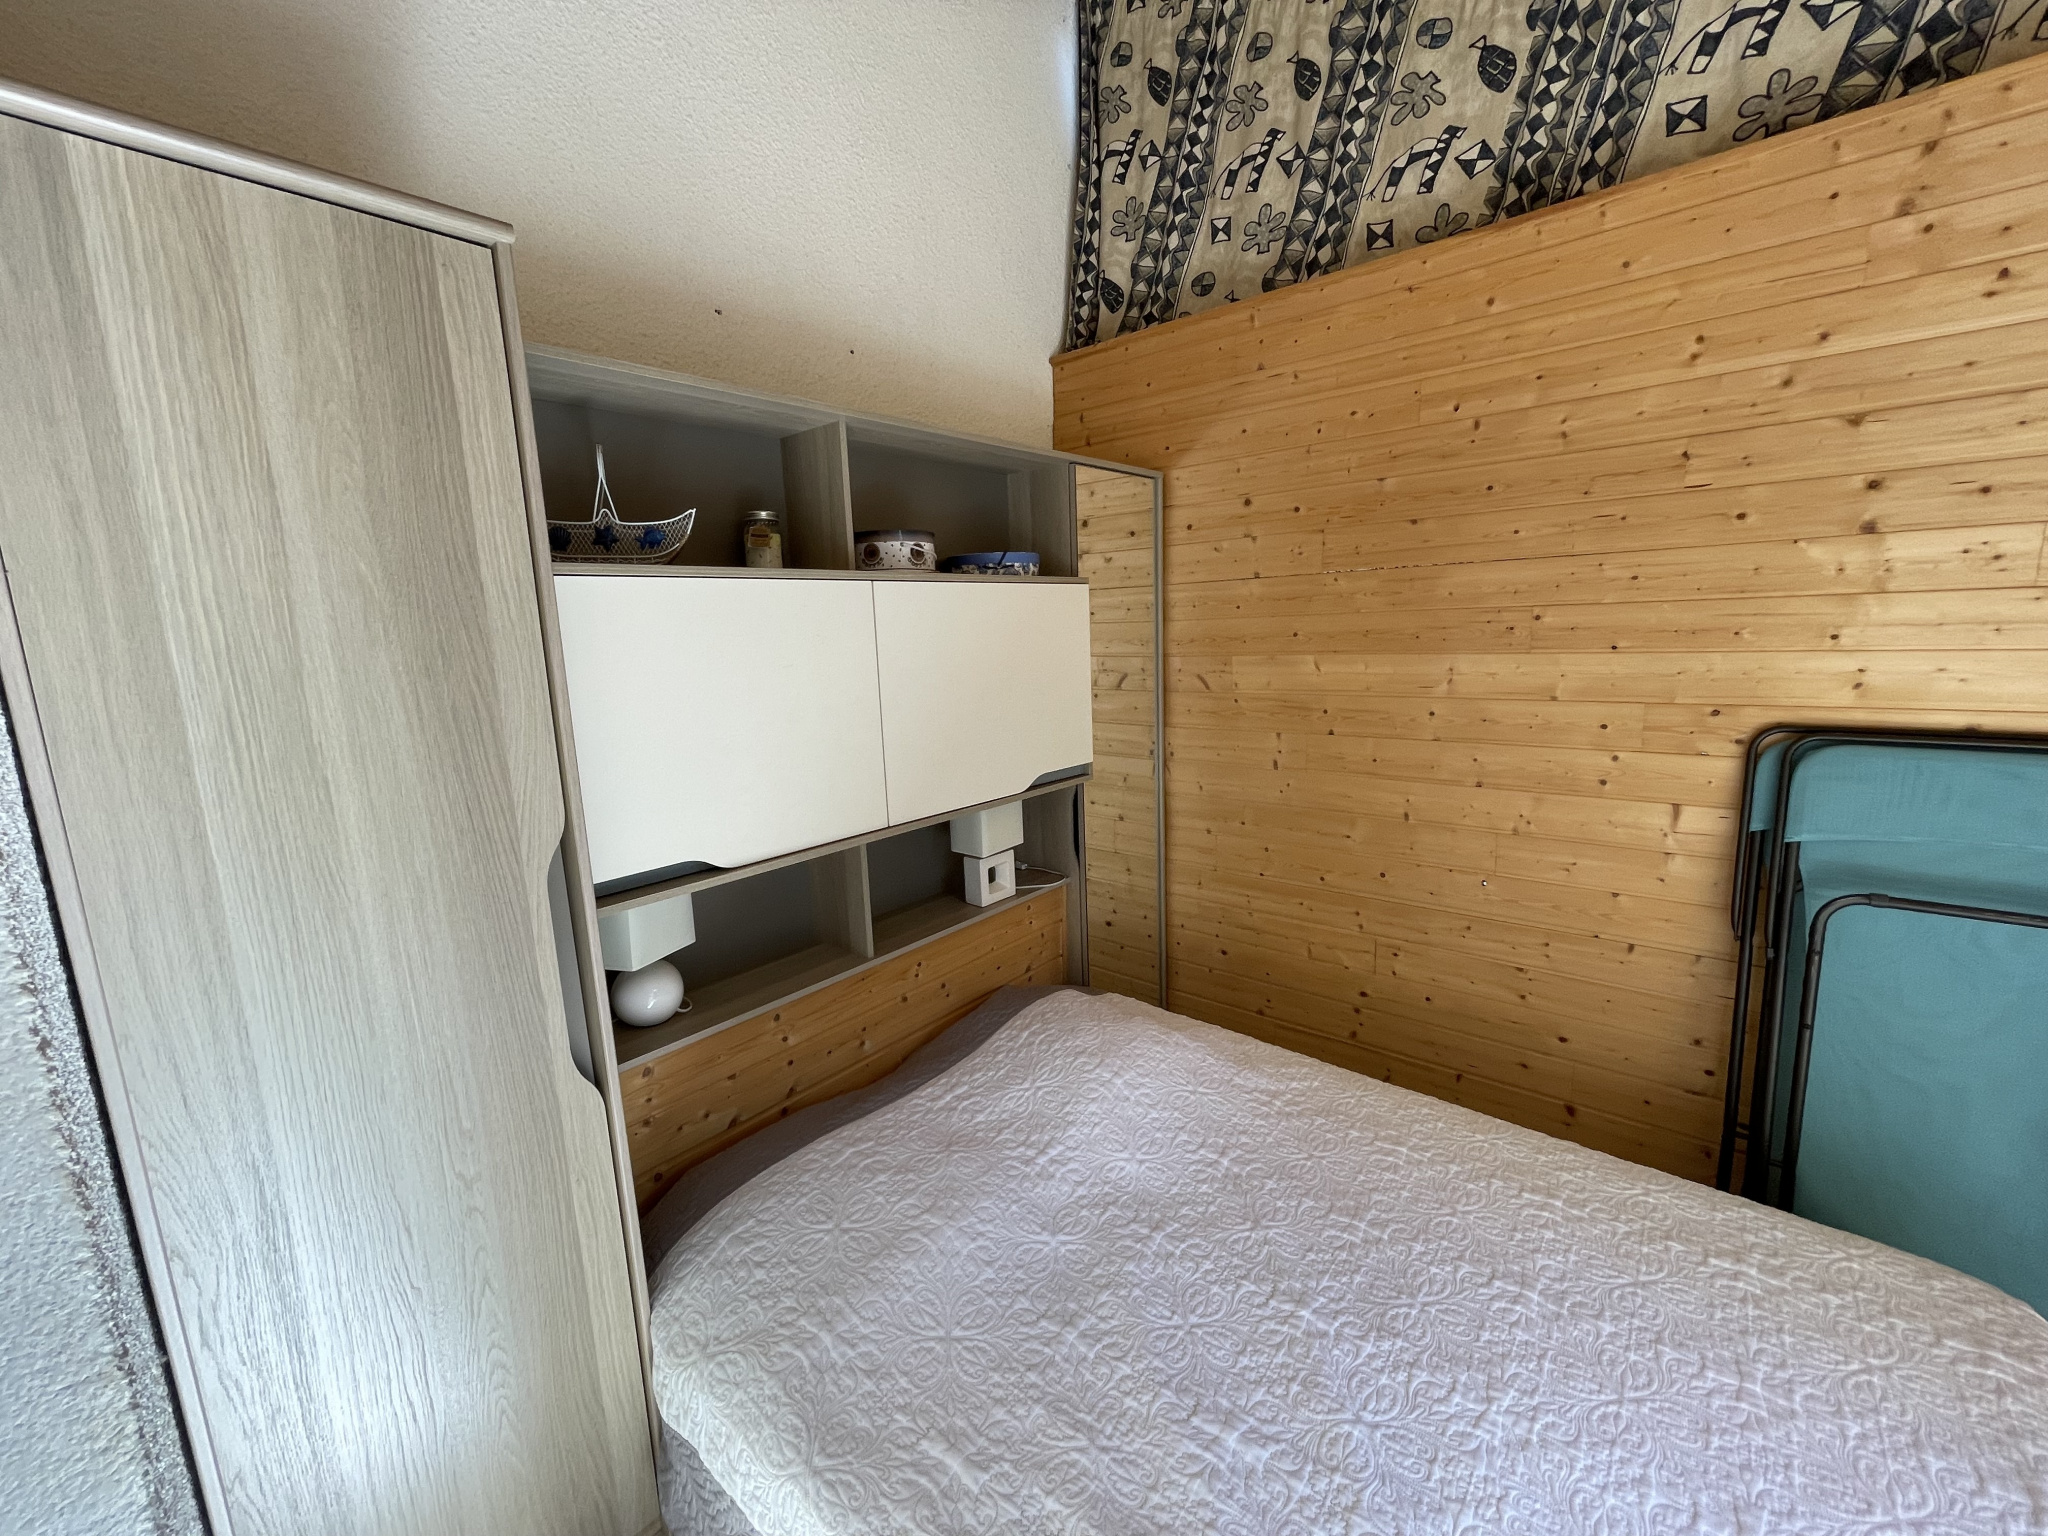 À vendre maison/villa de 44m2 à argeles plage (66700) - Photo 14'